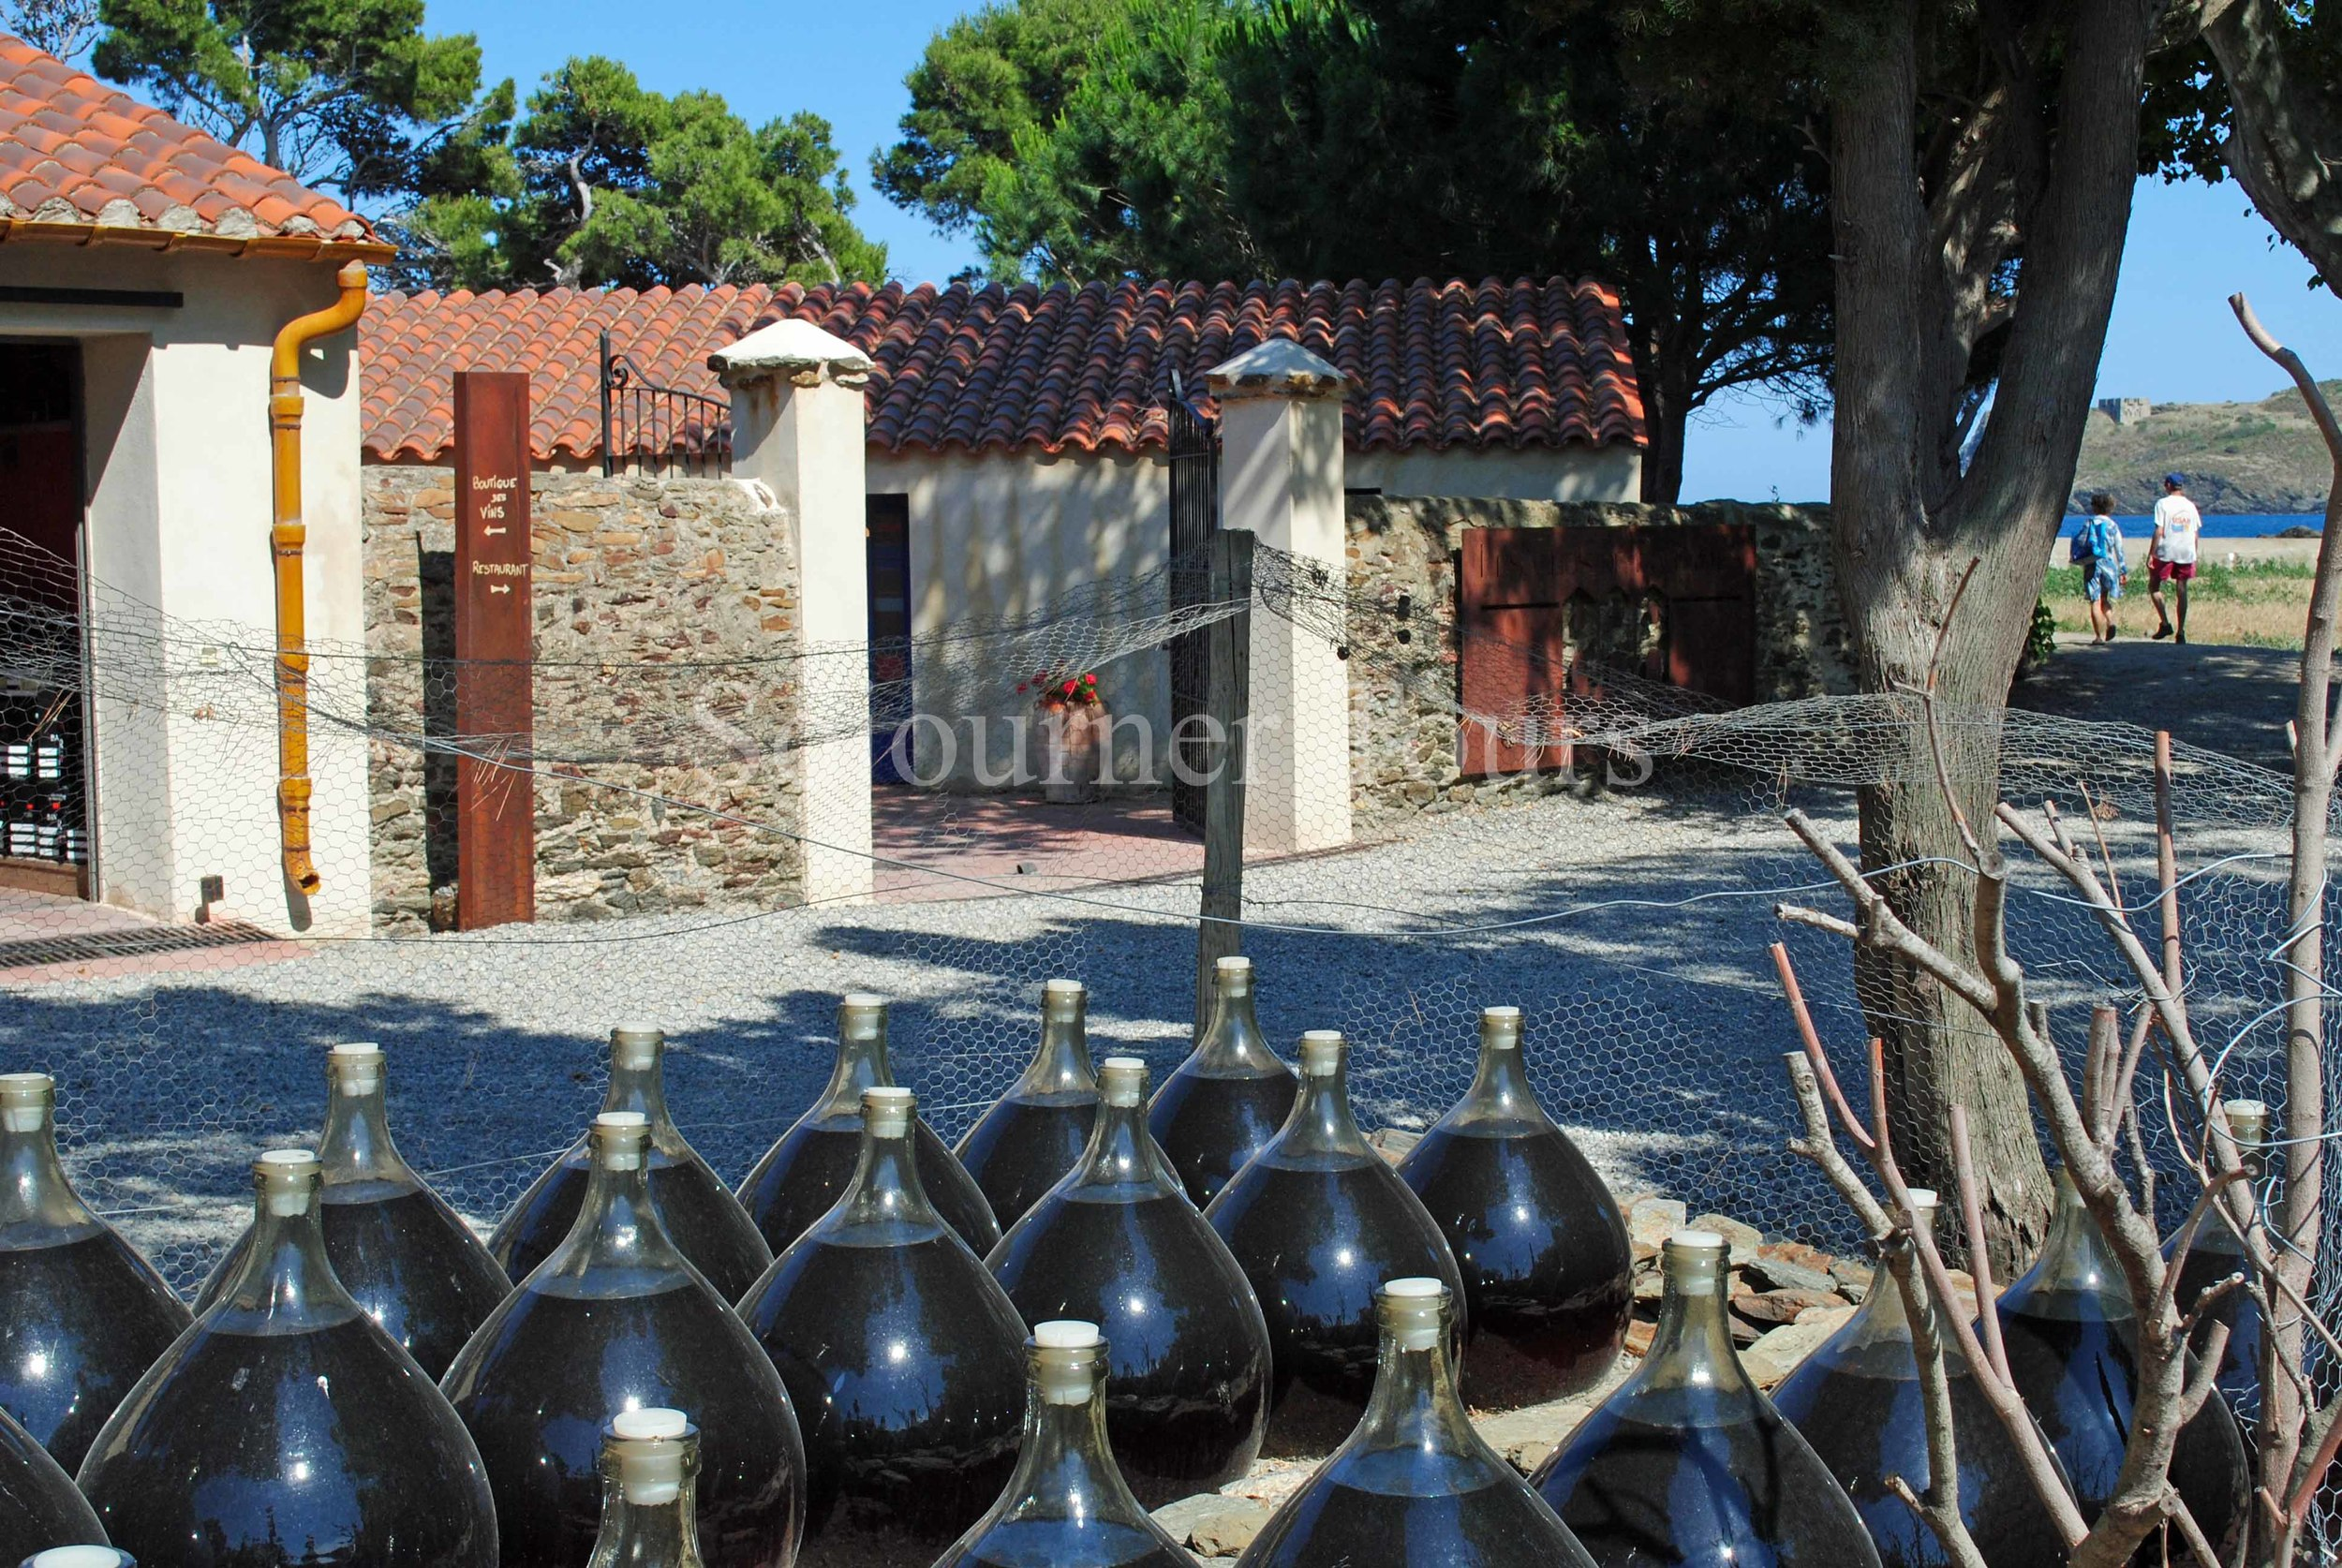 Hiking & Wine Tasting on the Vermillion Coast